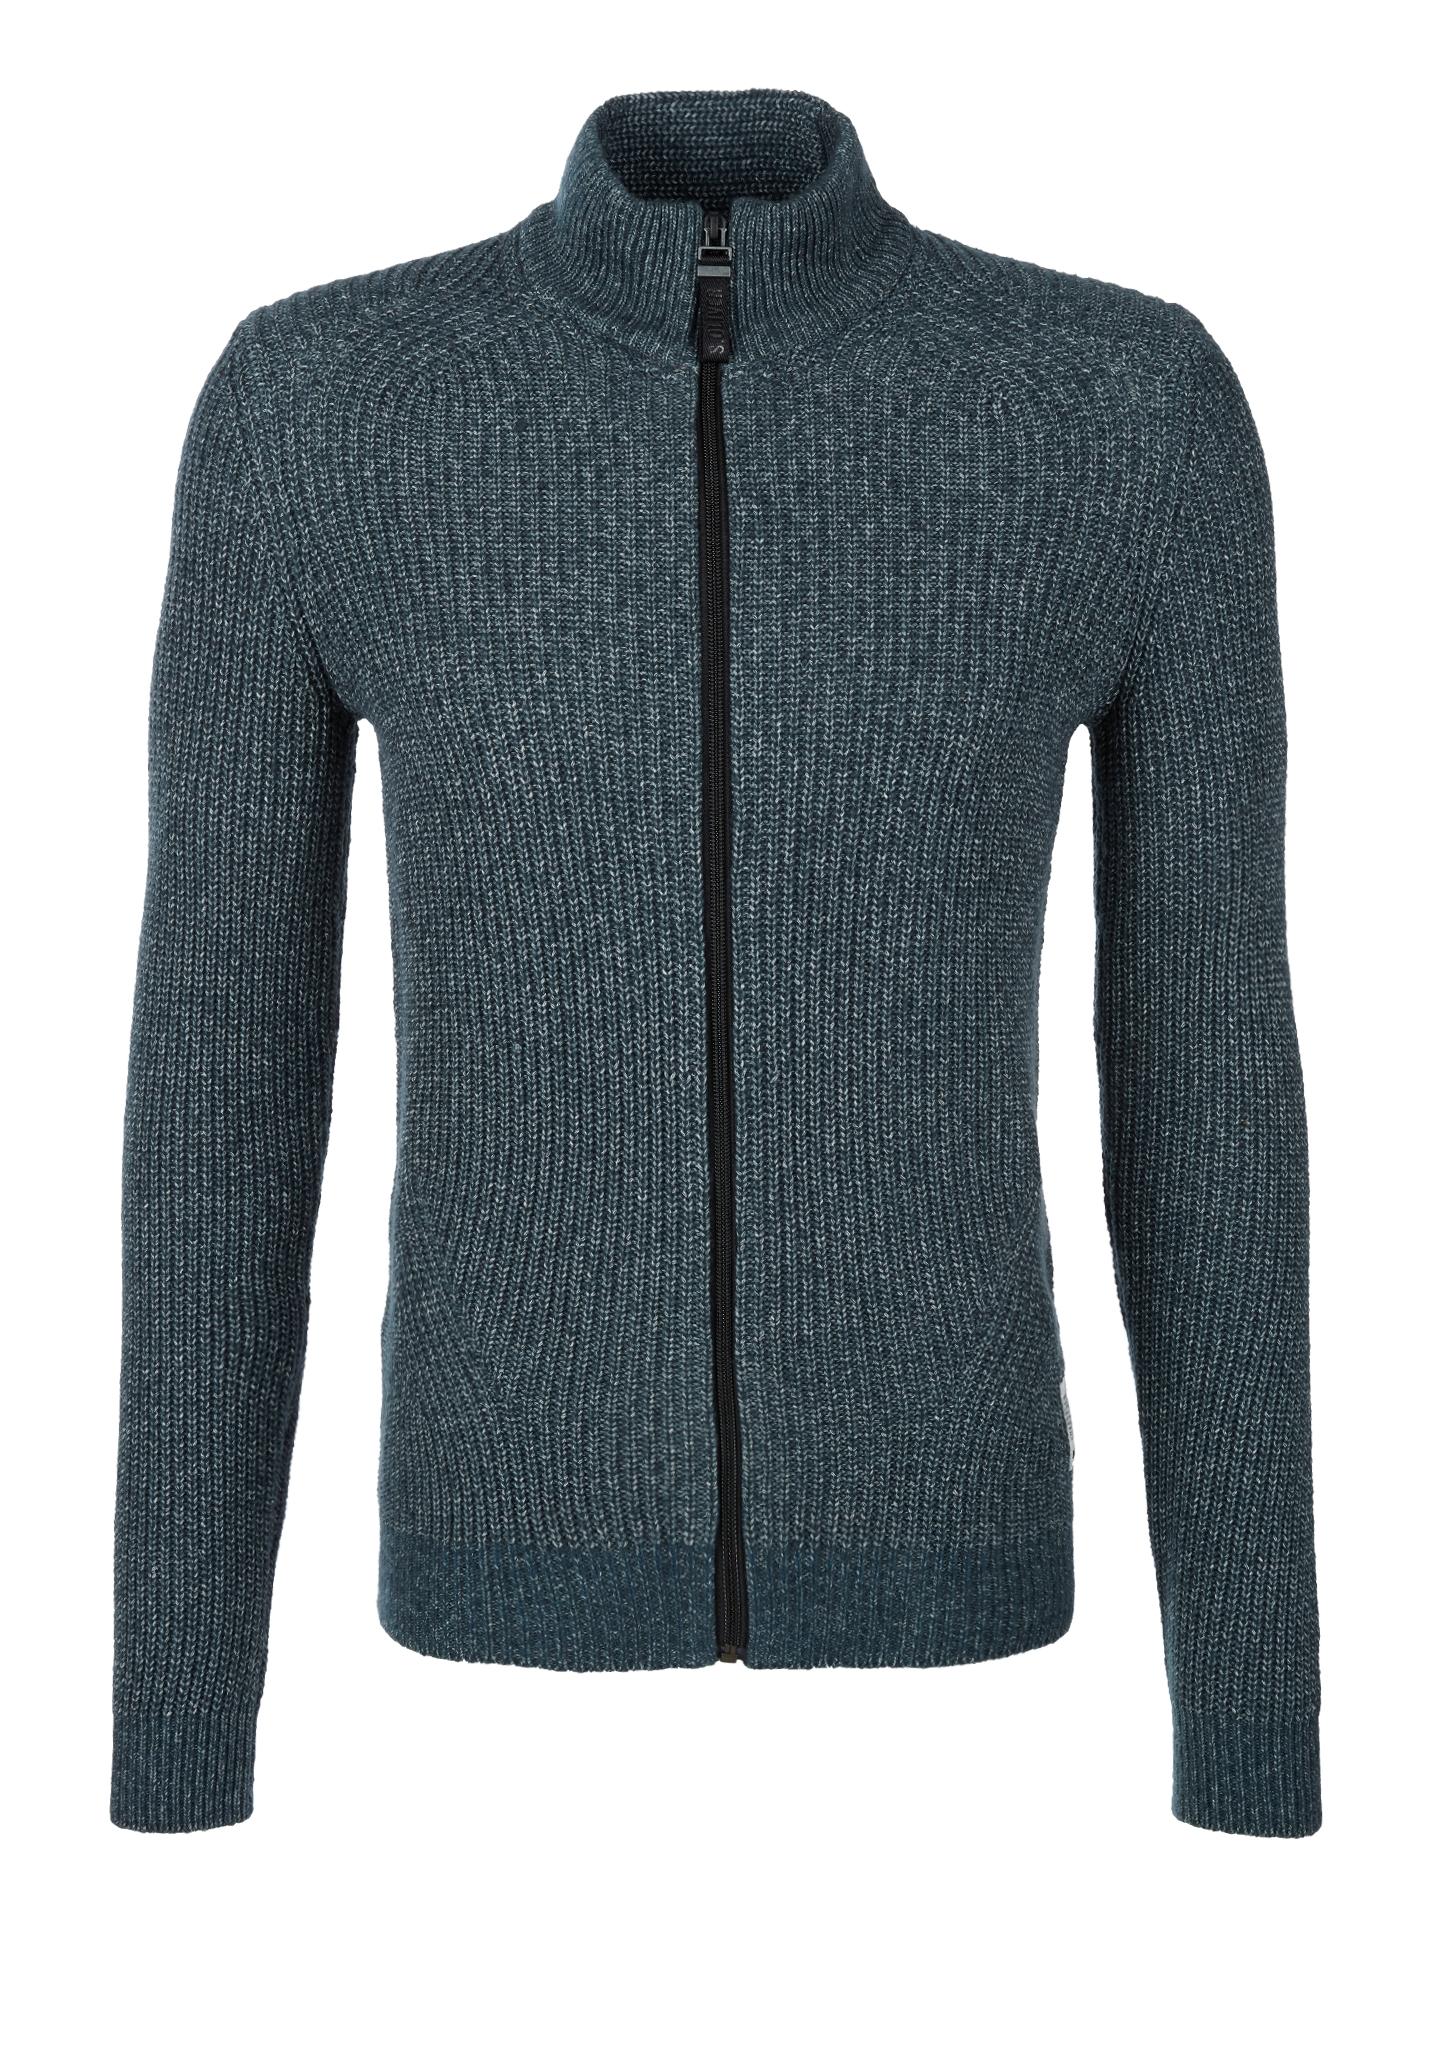 Strickjacke | Bekleidung > Strickjacken & Cardigans > Strickjacken | Blau/grün | 52% baumwolle -  48% polyacryl | s.Oliver